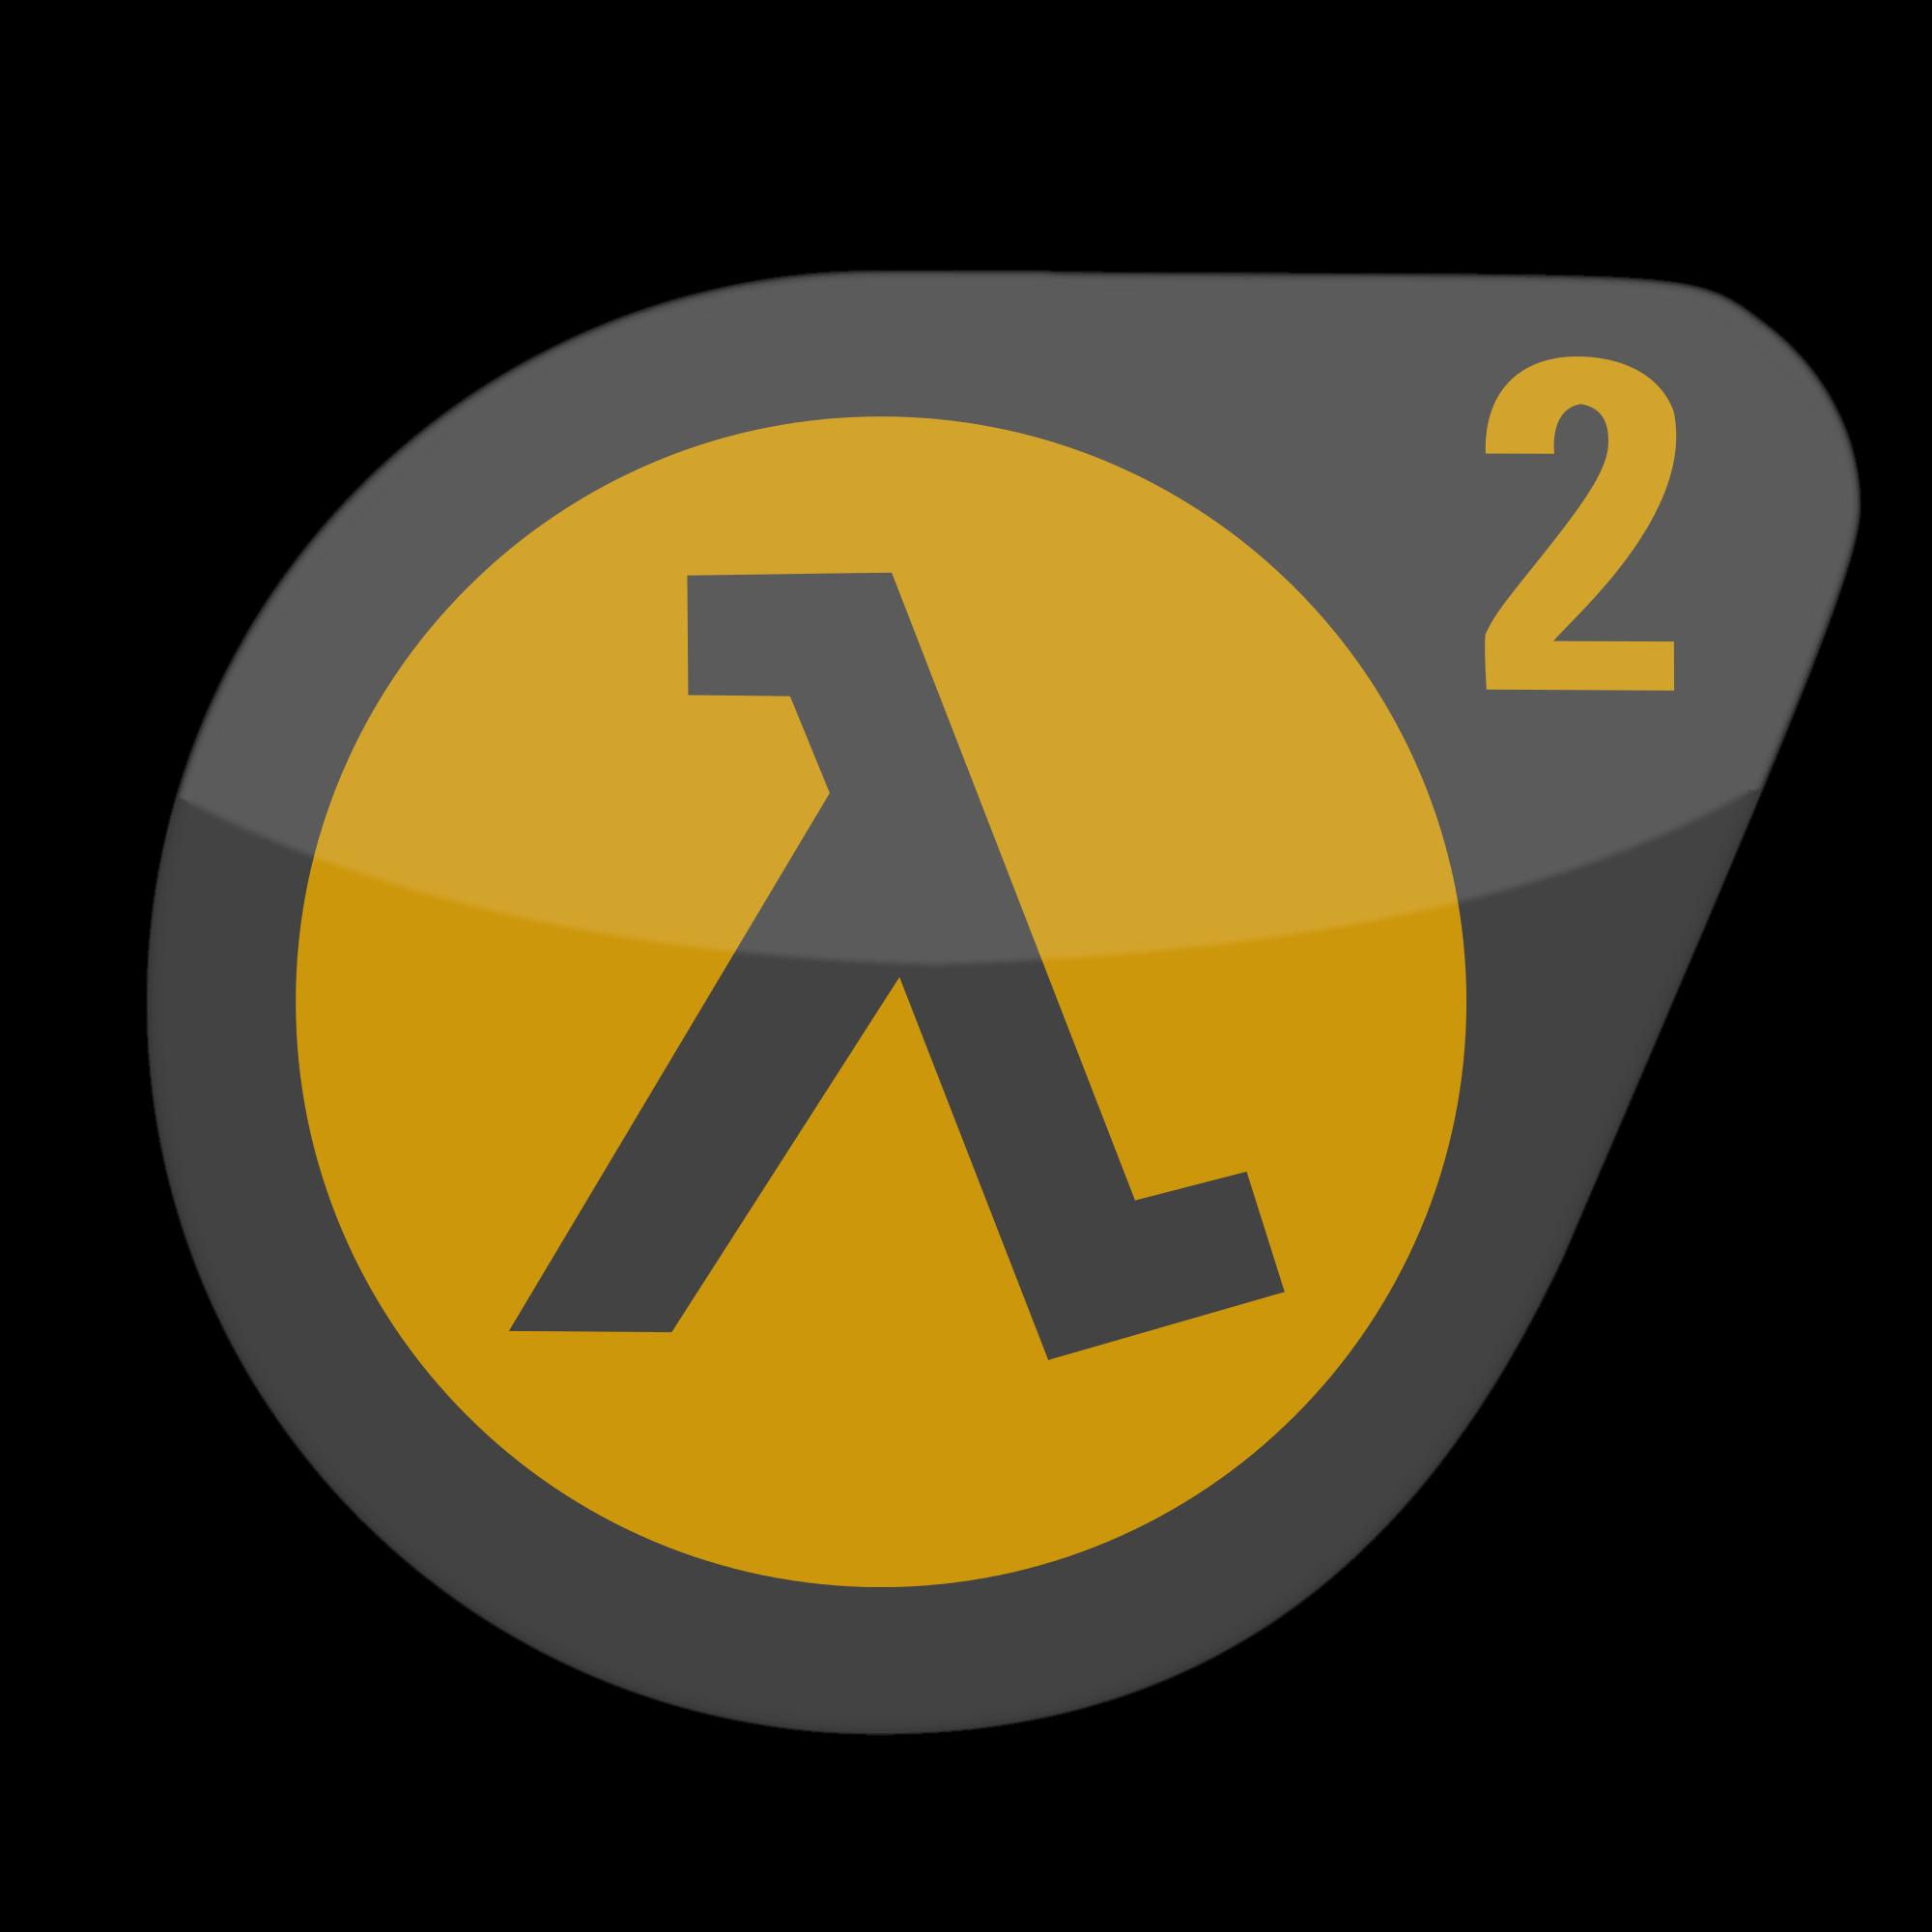 gmod content - Download CSS, HL2, L4D Garry's Mod Content Textures